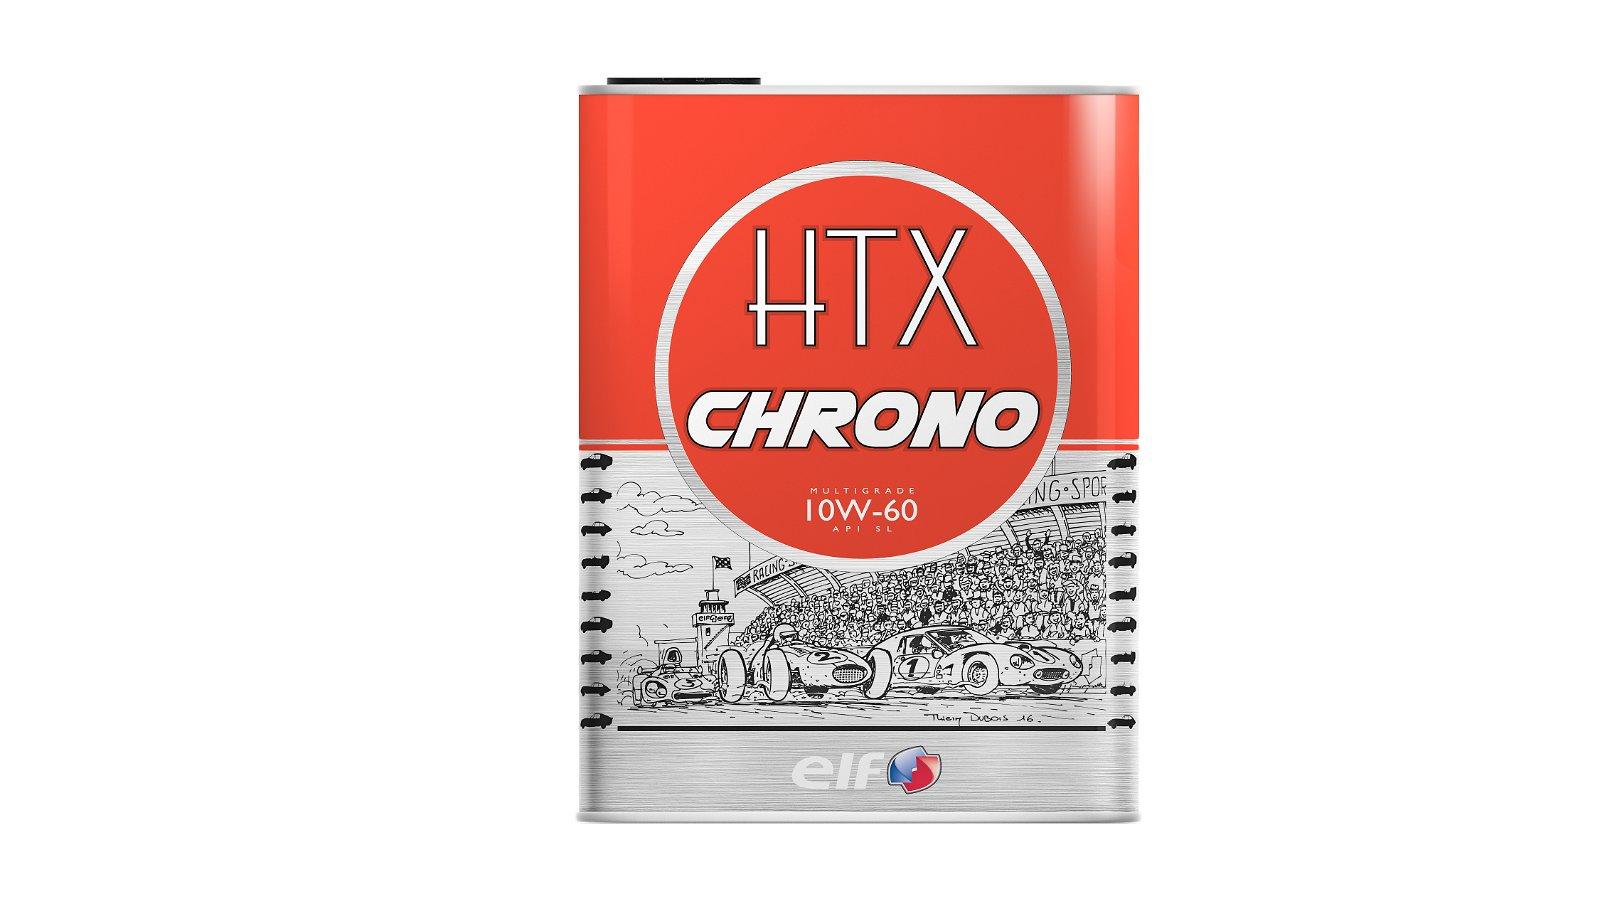 Huile HTX CHRONO 10W60 2L